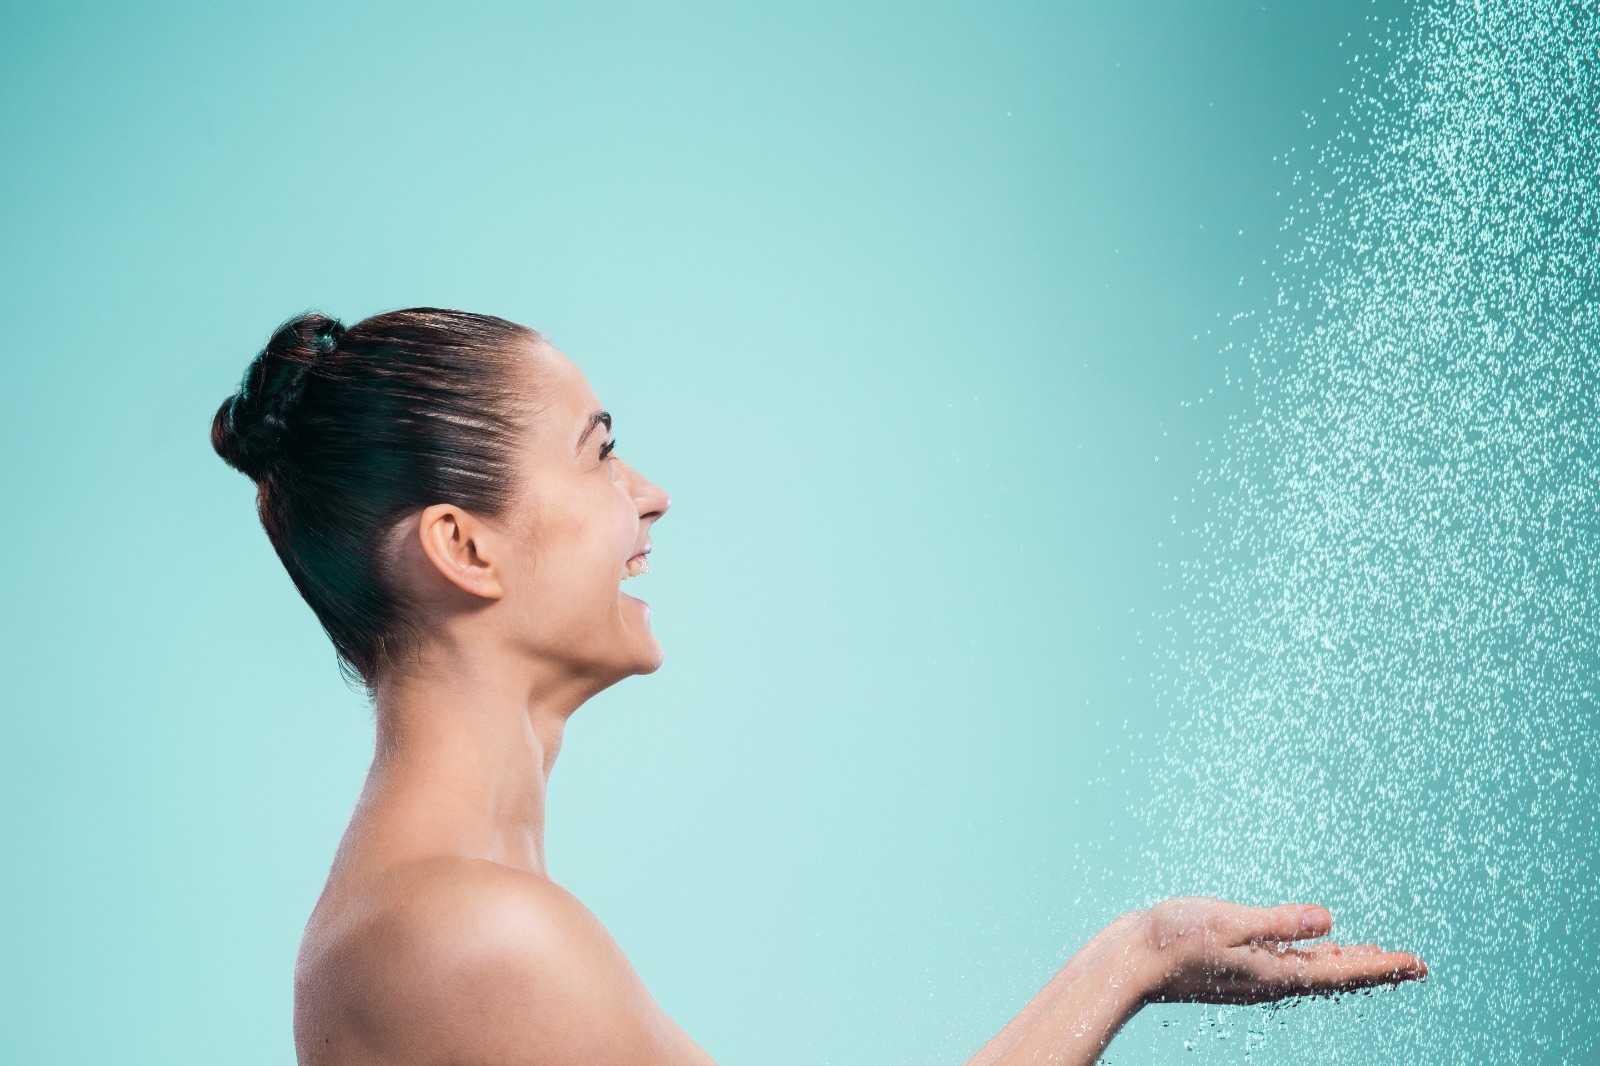 Haarausfall beim Haare waschen